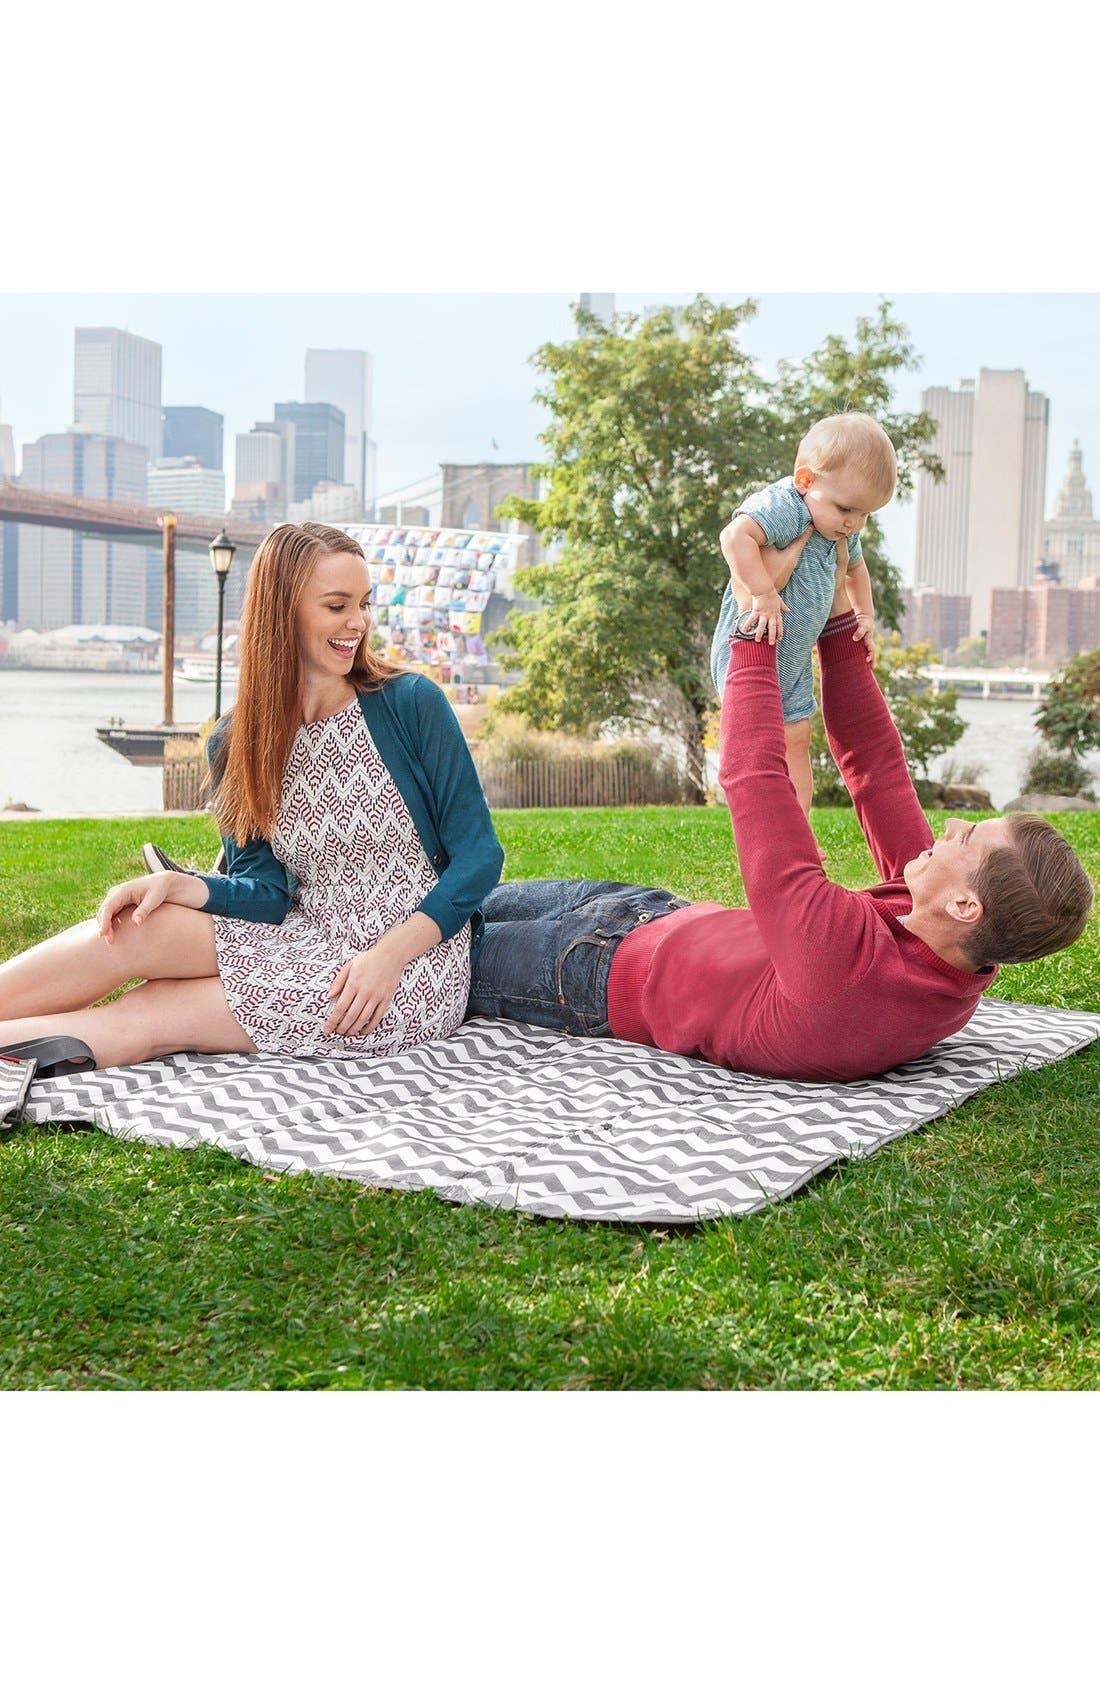 'Central Park' Outdoor Blanket & Cooler Bag,                             Alternate thumbnail 5, color,                             020